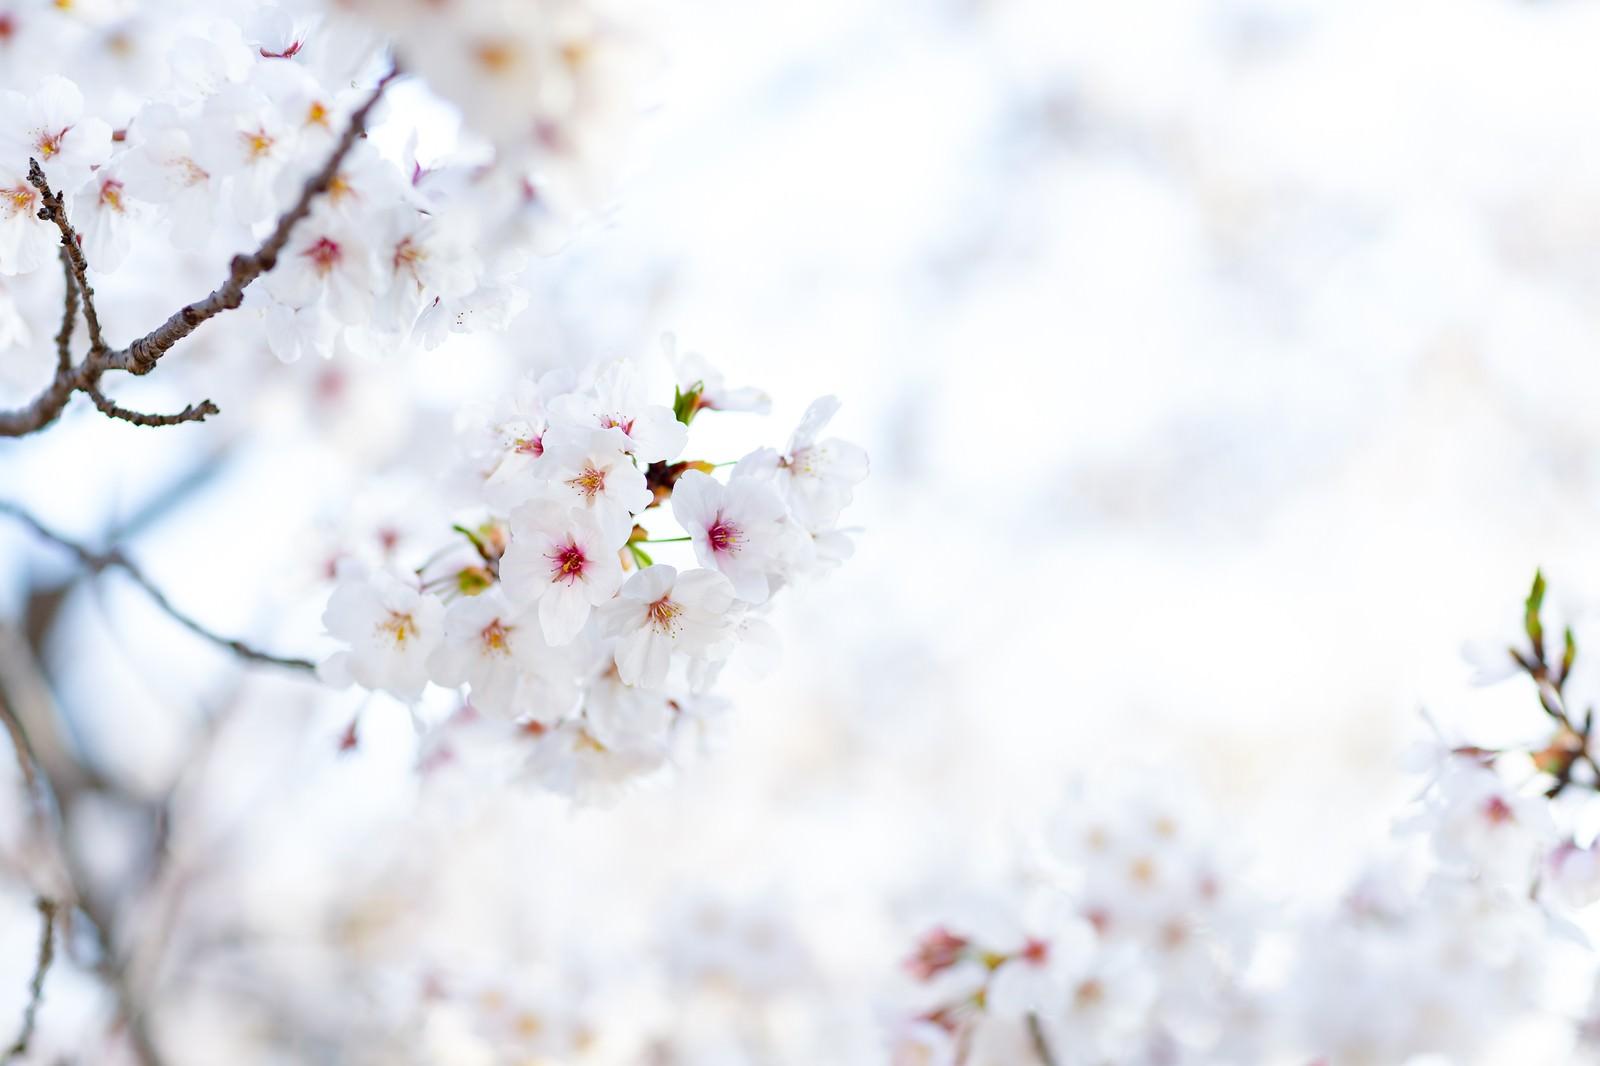 「春の陽射しを浴びる桜 | 写真の無料素材・フリー素材 - ぱくたそ」の写真